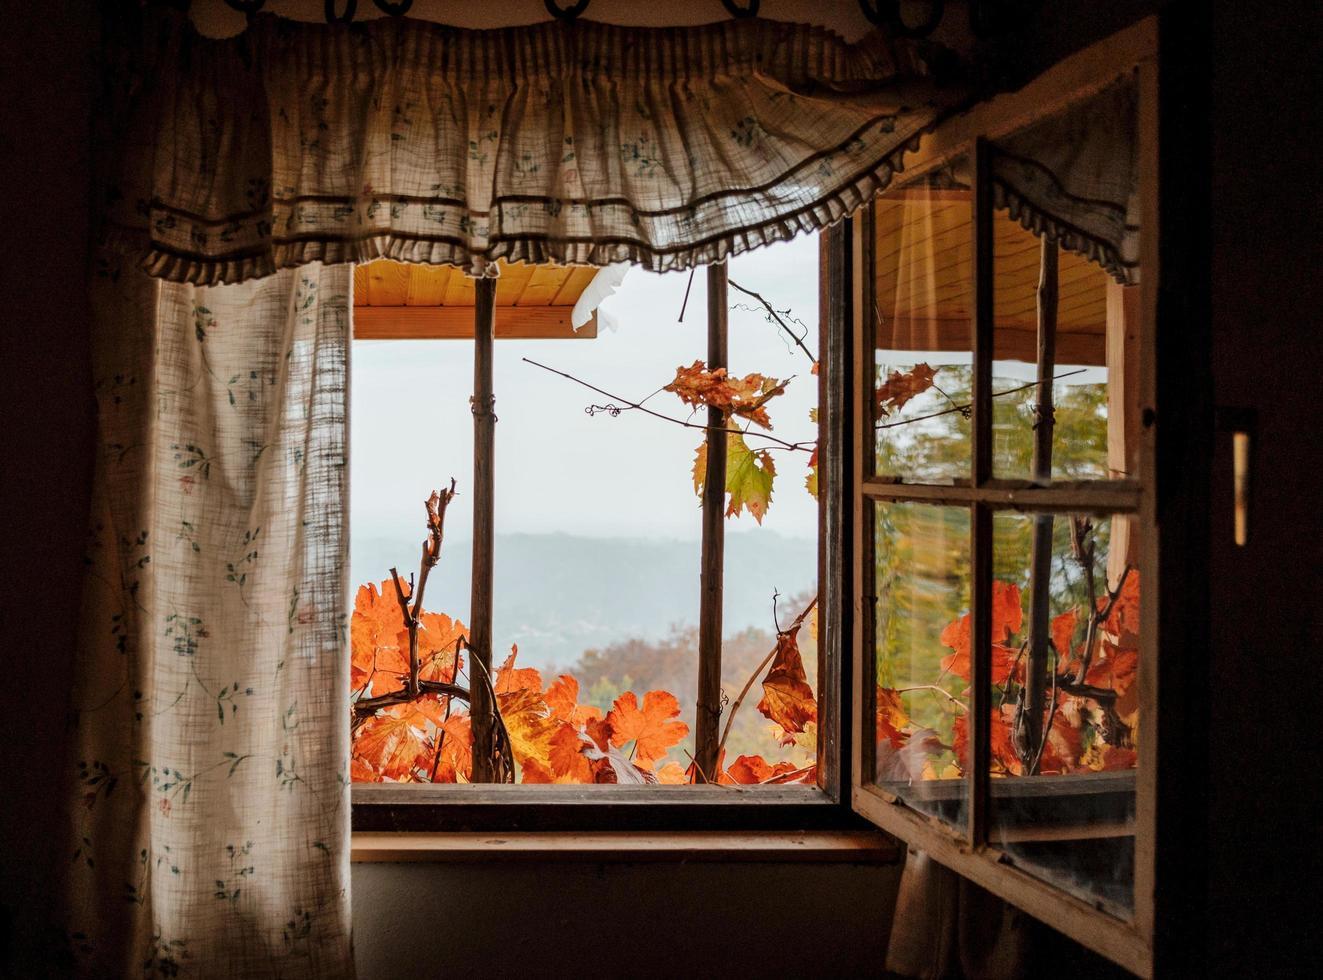 idyllisch uitzicht door een raam van een hut in de herfst foto